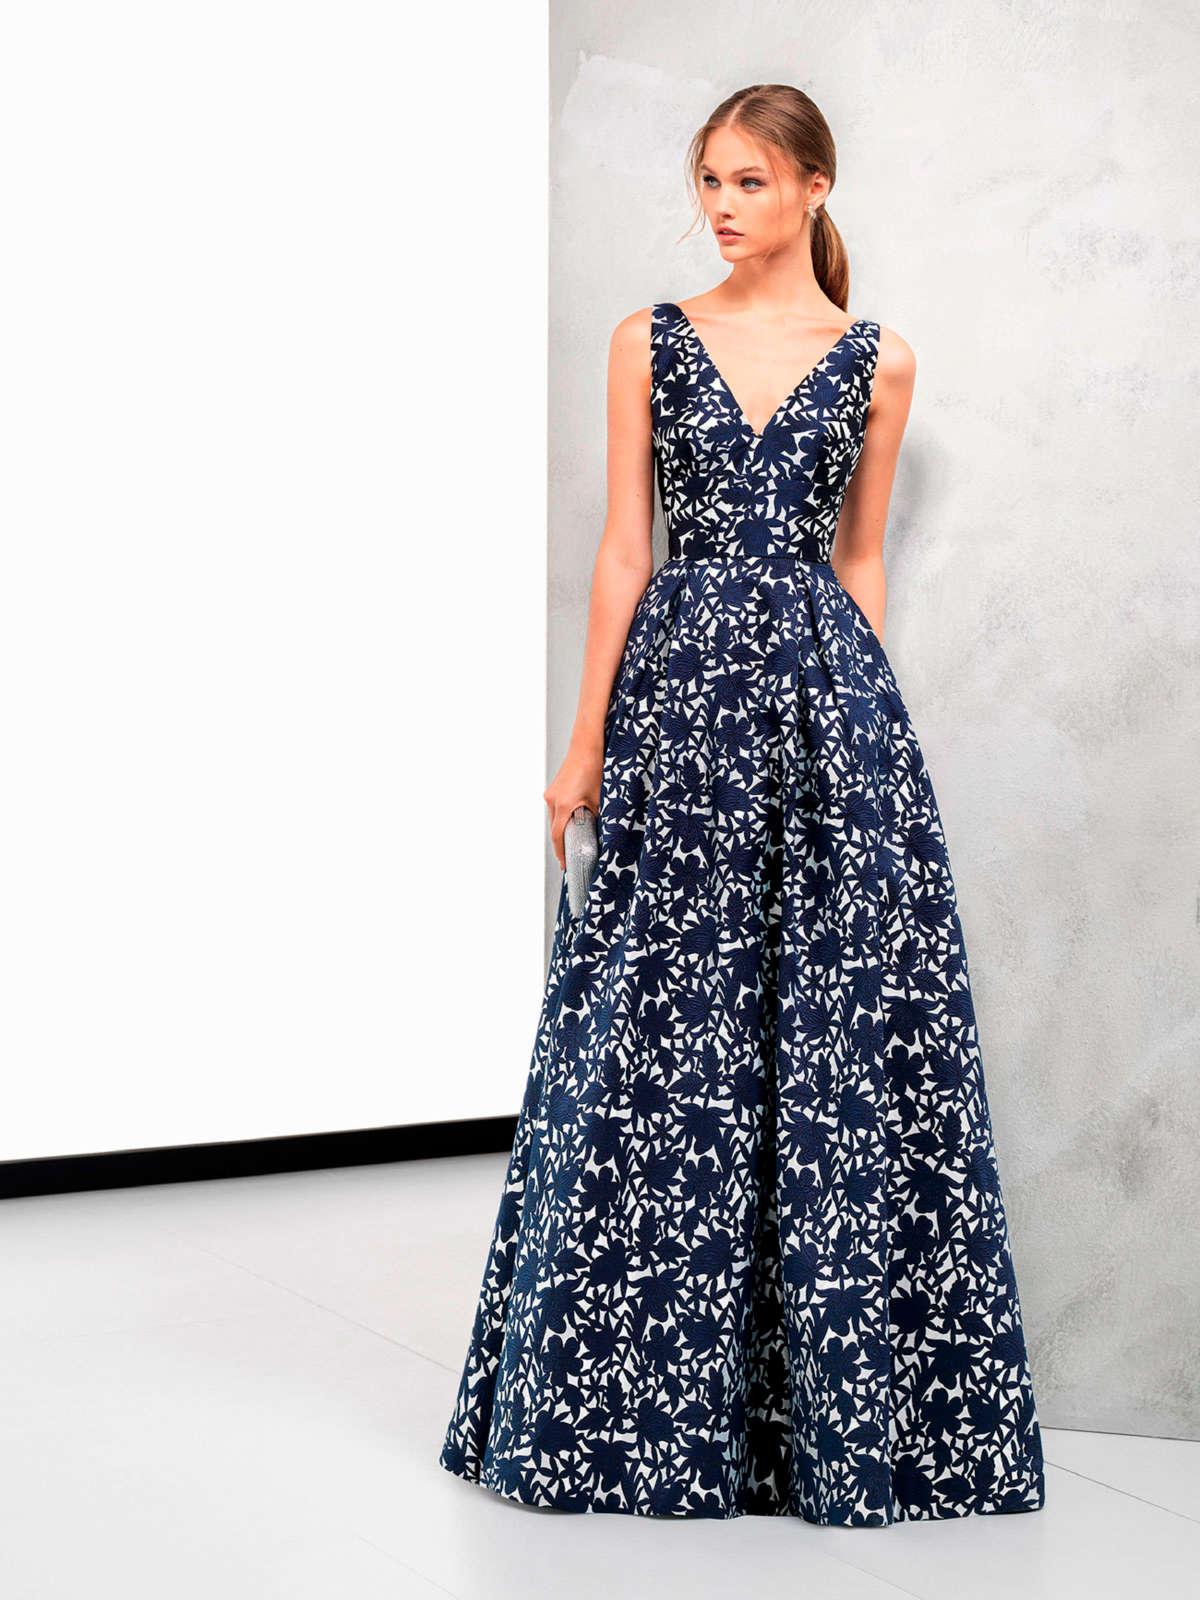 c67a2710d Comprar Vestidos de fiesta mujer barato en Albacete - Ofertia